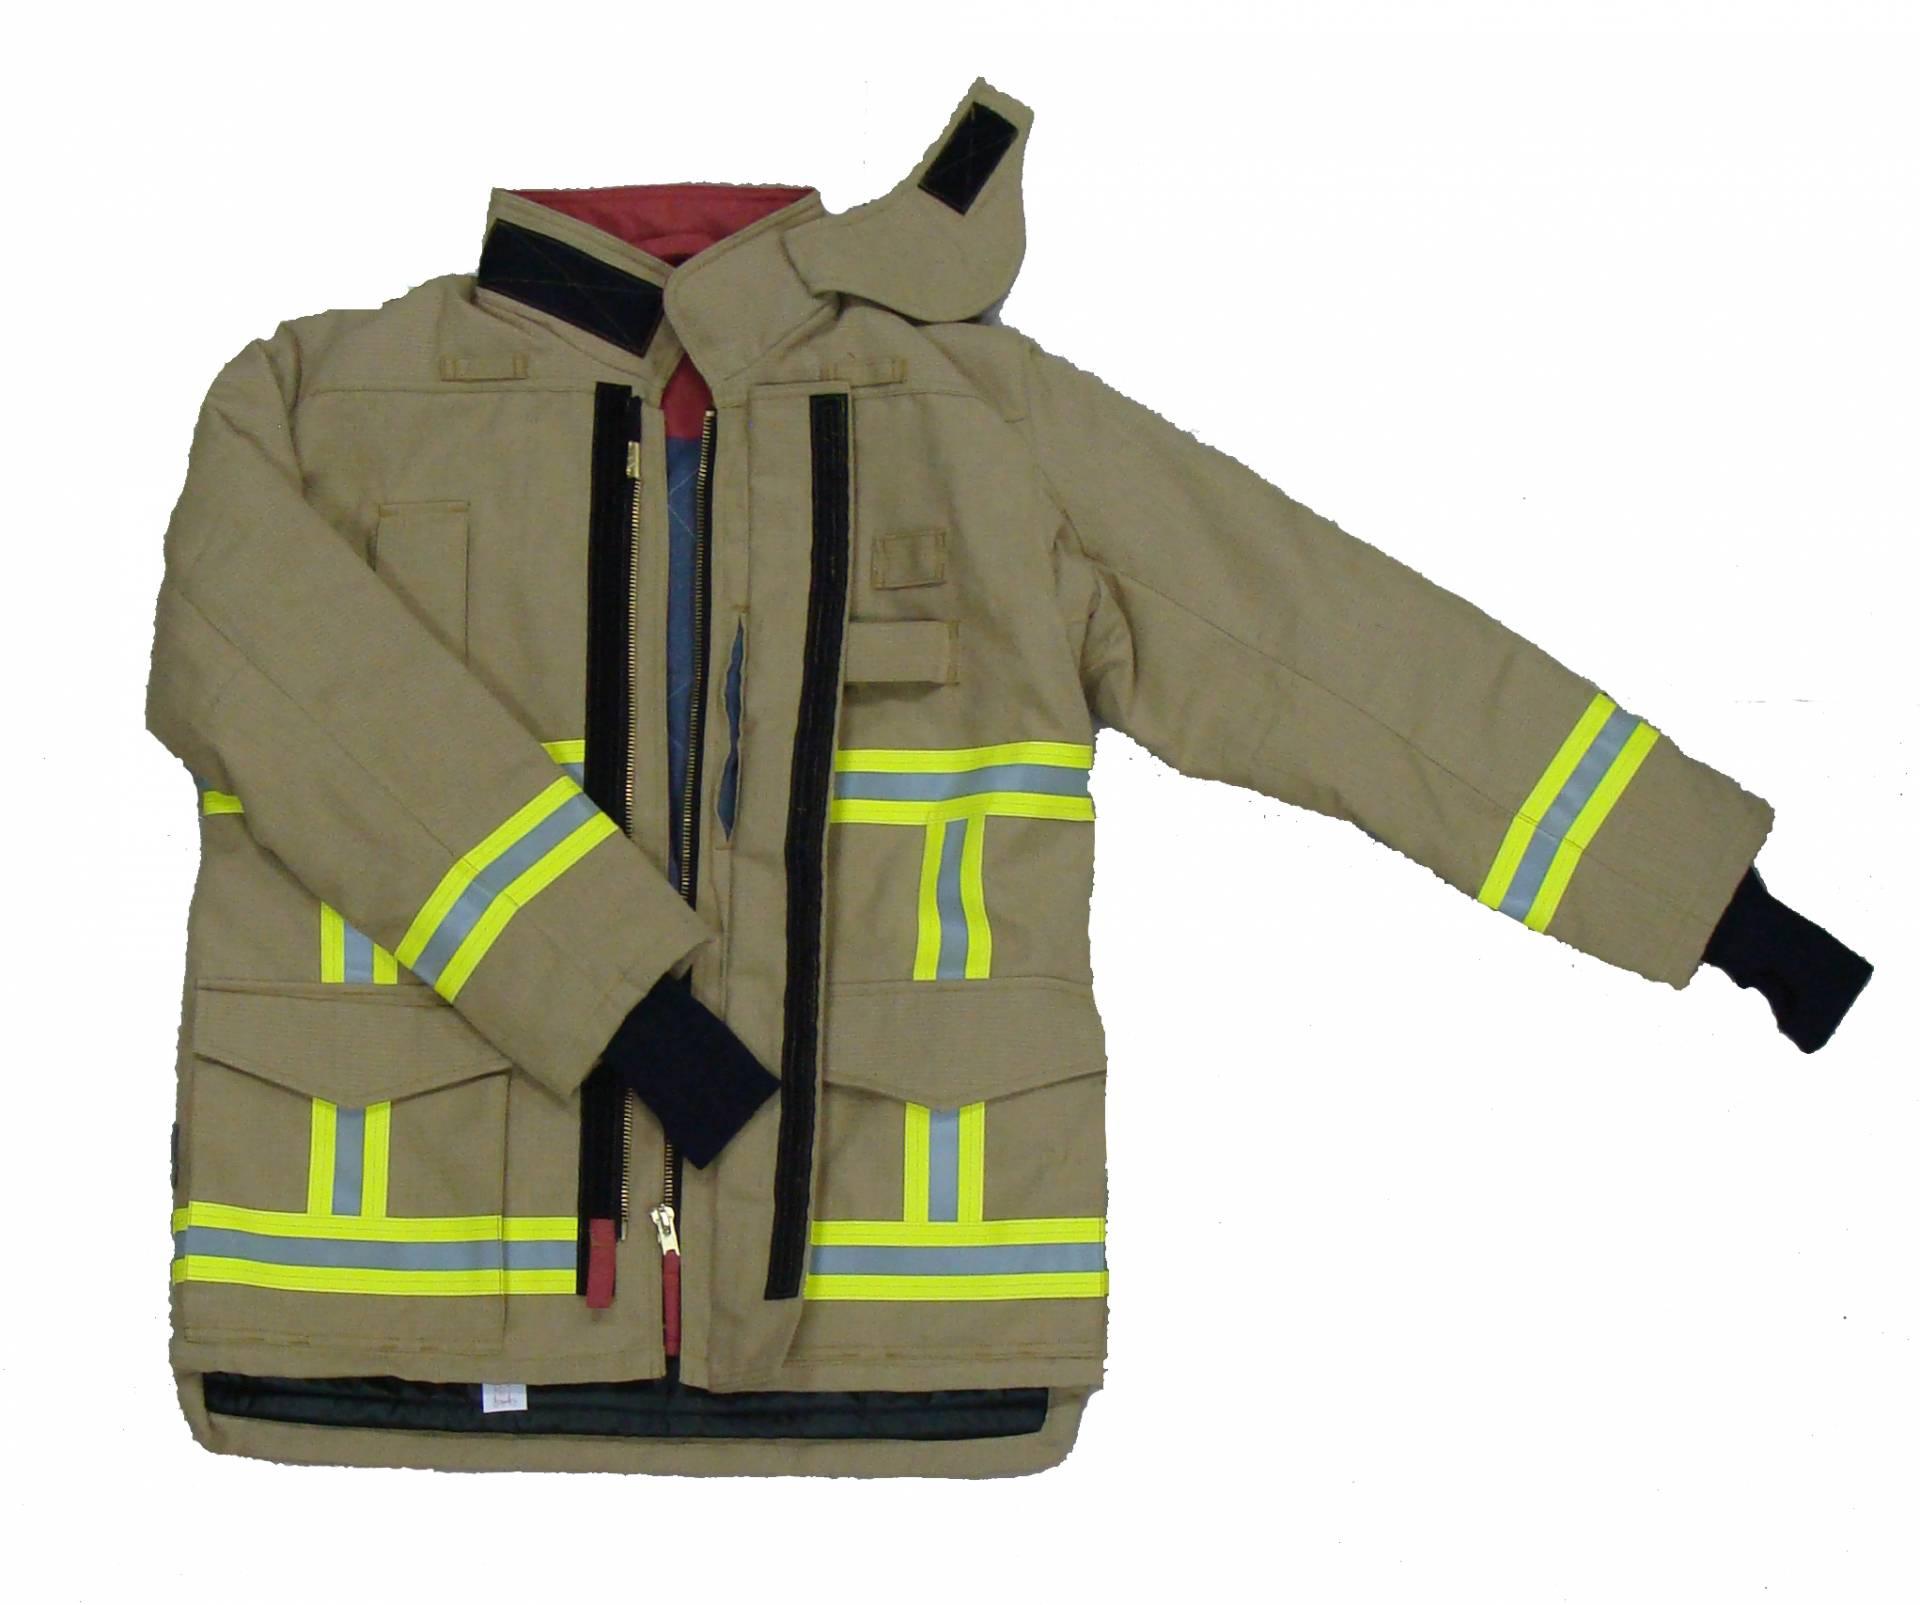 พรีเมี่ยม 701-G ชุดดับเพลิงสไตล์ยุโรป, EN469 ระดับ 2, ใบรับรอง CE, งานหนักเพื่อปกป้องนักผจญเพลิง